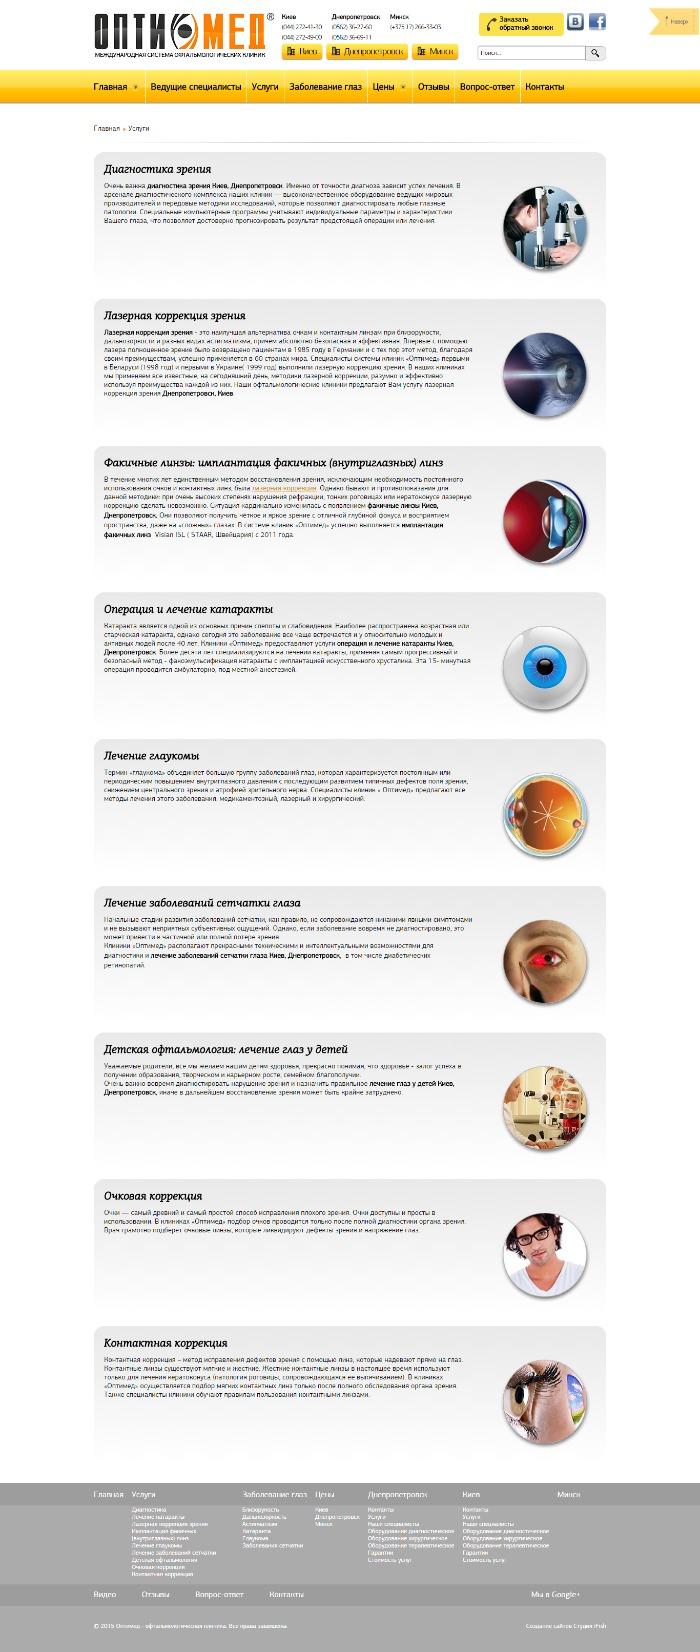 платные офтальмологические услуги